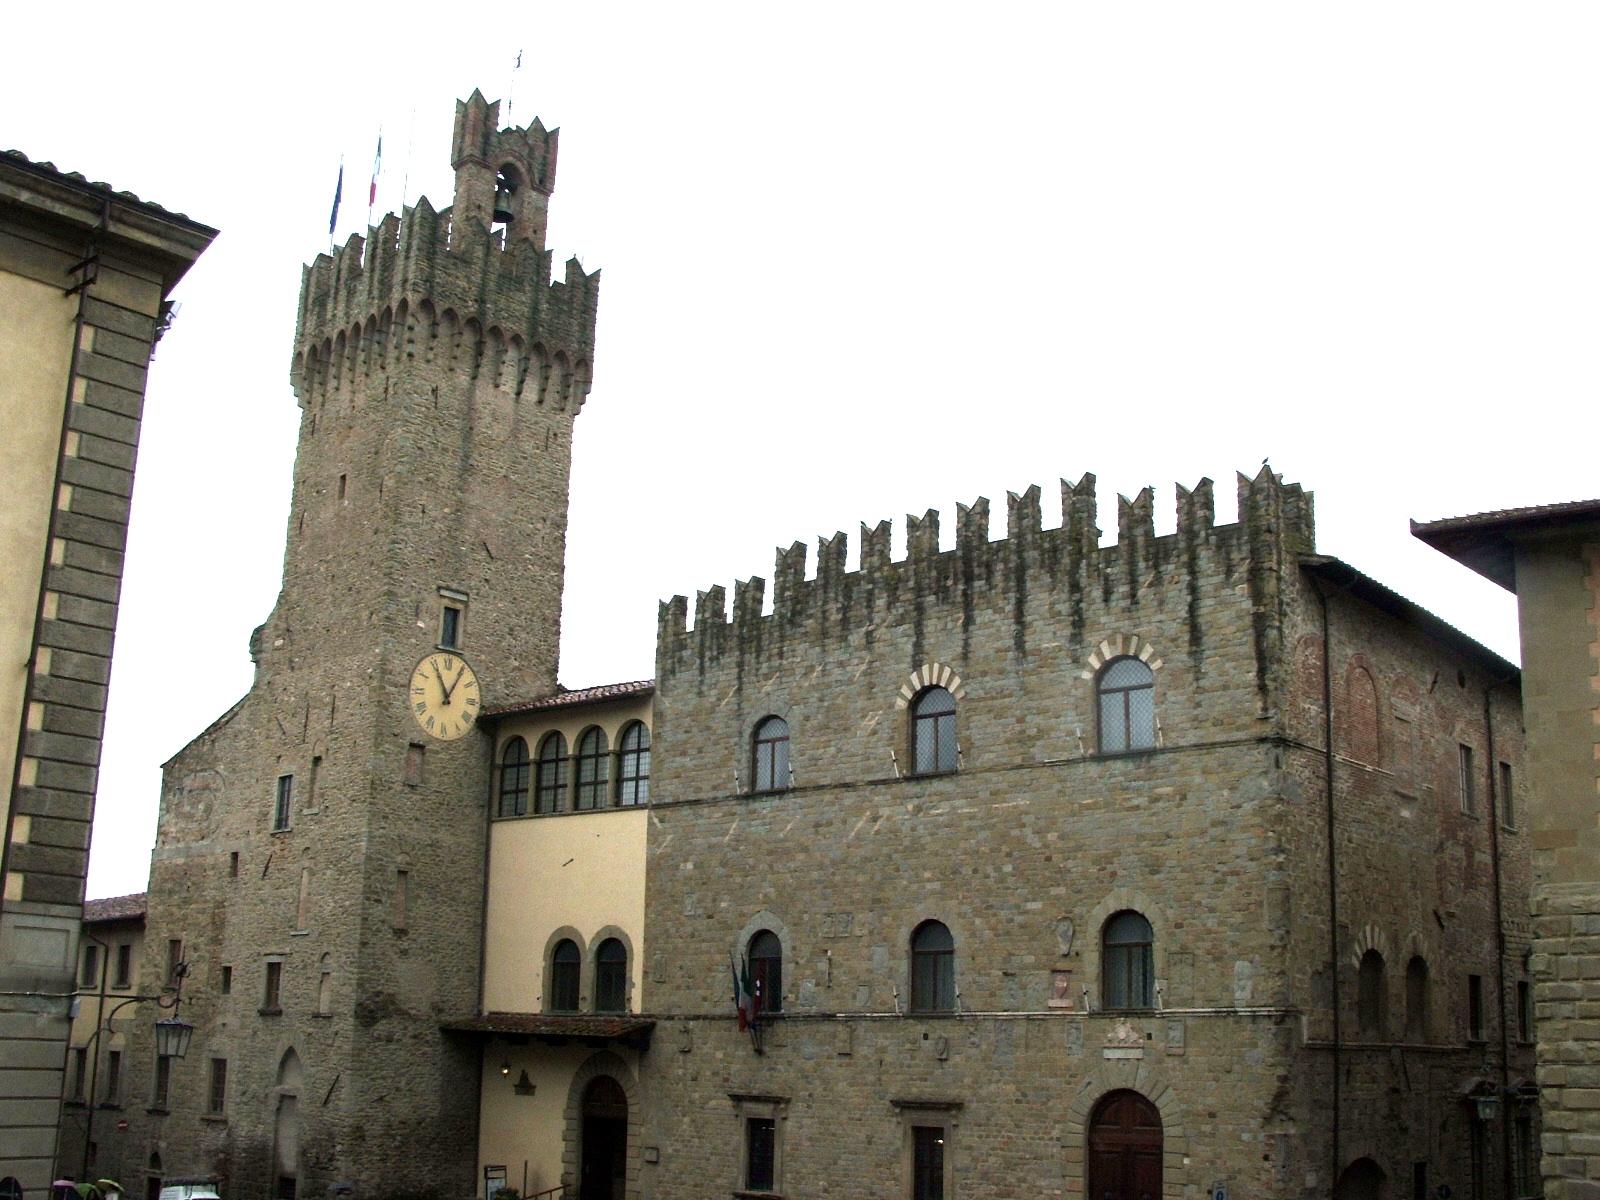 File:Arezzo-Palazzo del Comune.JPG - Wikipedia